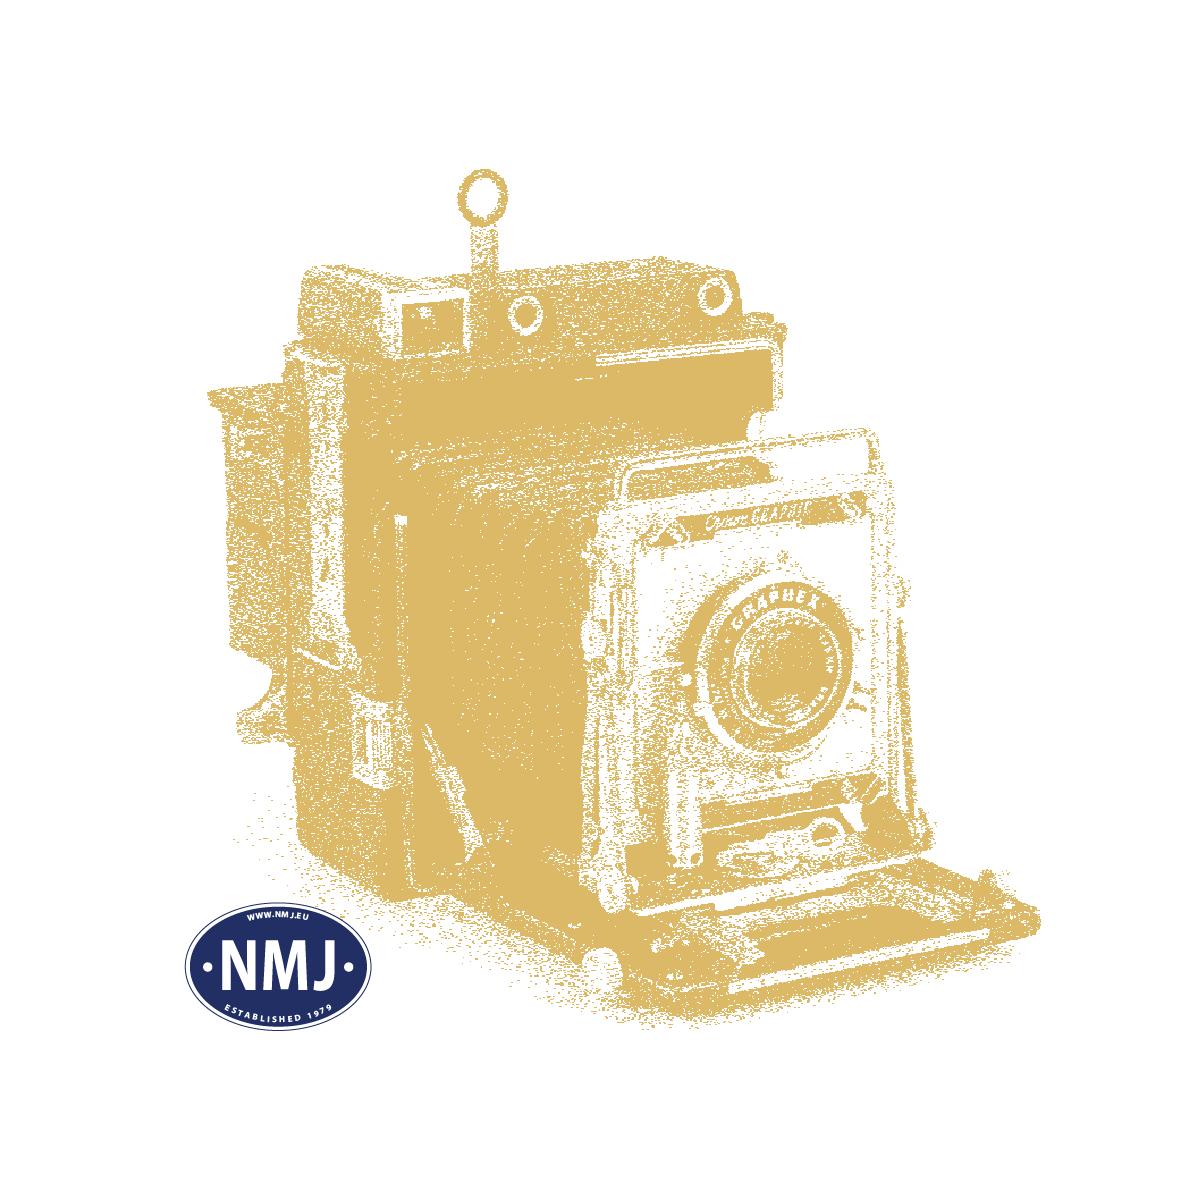 MRHPS-289 - Mr. Procon Boy WA Platinum (0.3 mm), Versjon 2